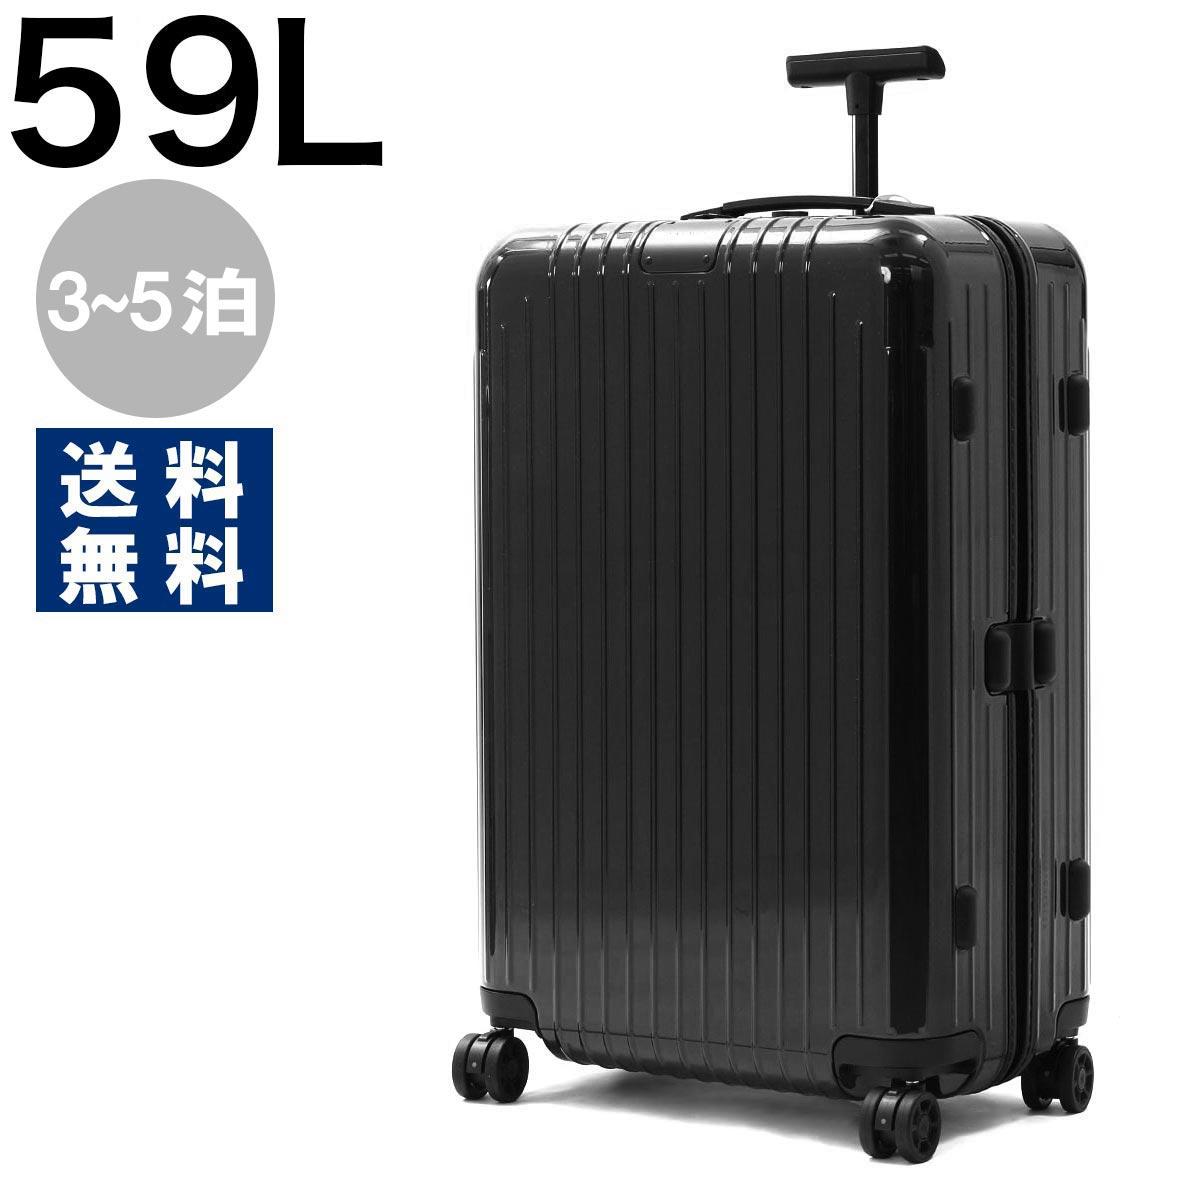 リモワ スーツケース/旅行用バッグ バッグ メンズ レディース エッセンシャル ライト チェックイン M 59L 3~5泊 ブラックグロス 823.63.62.4 RIMOWA